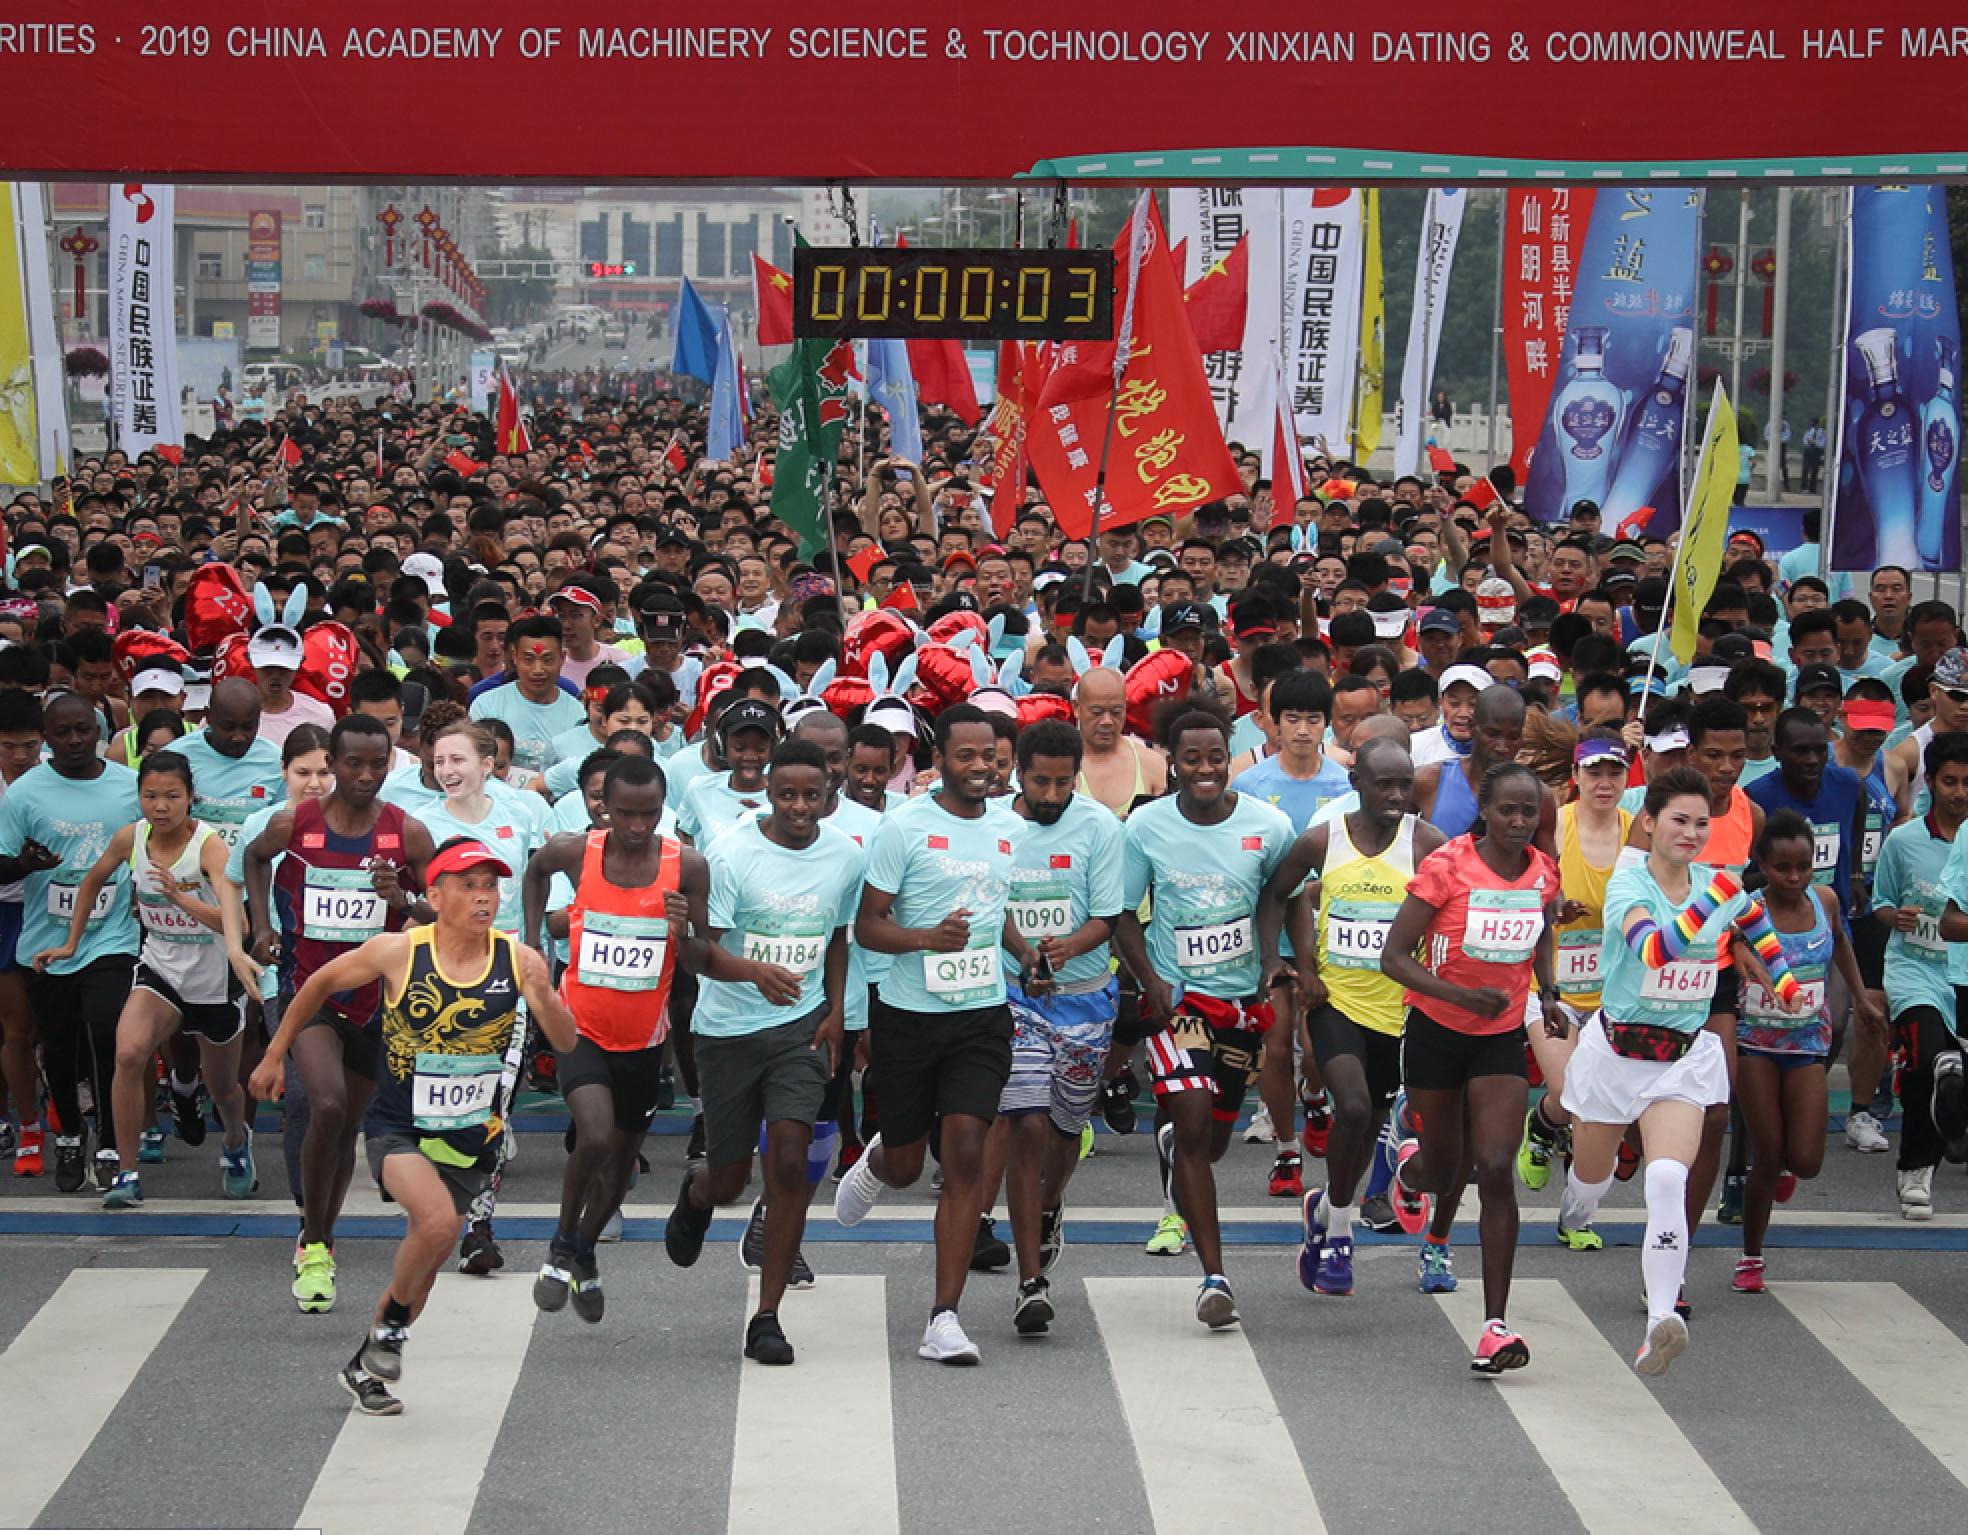 新县国际半程马拉松开跑 旅游+体育+文化成果展现